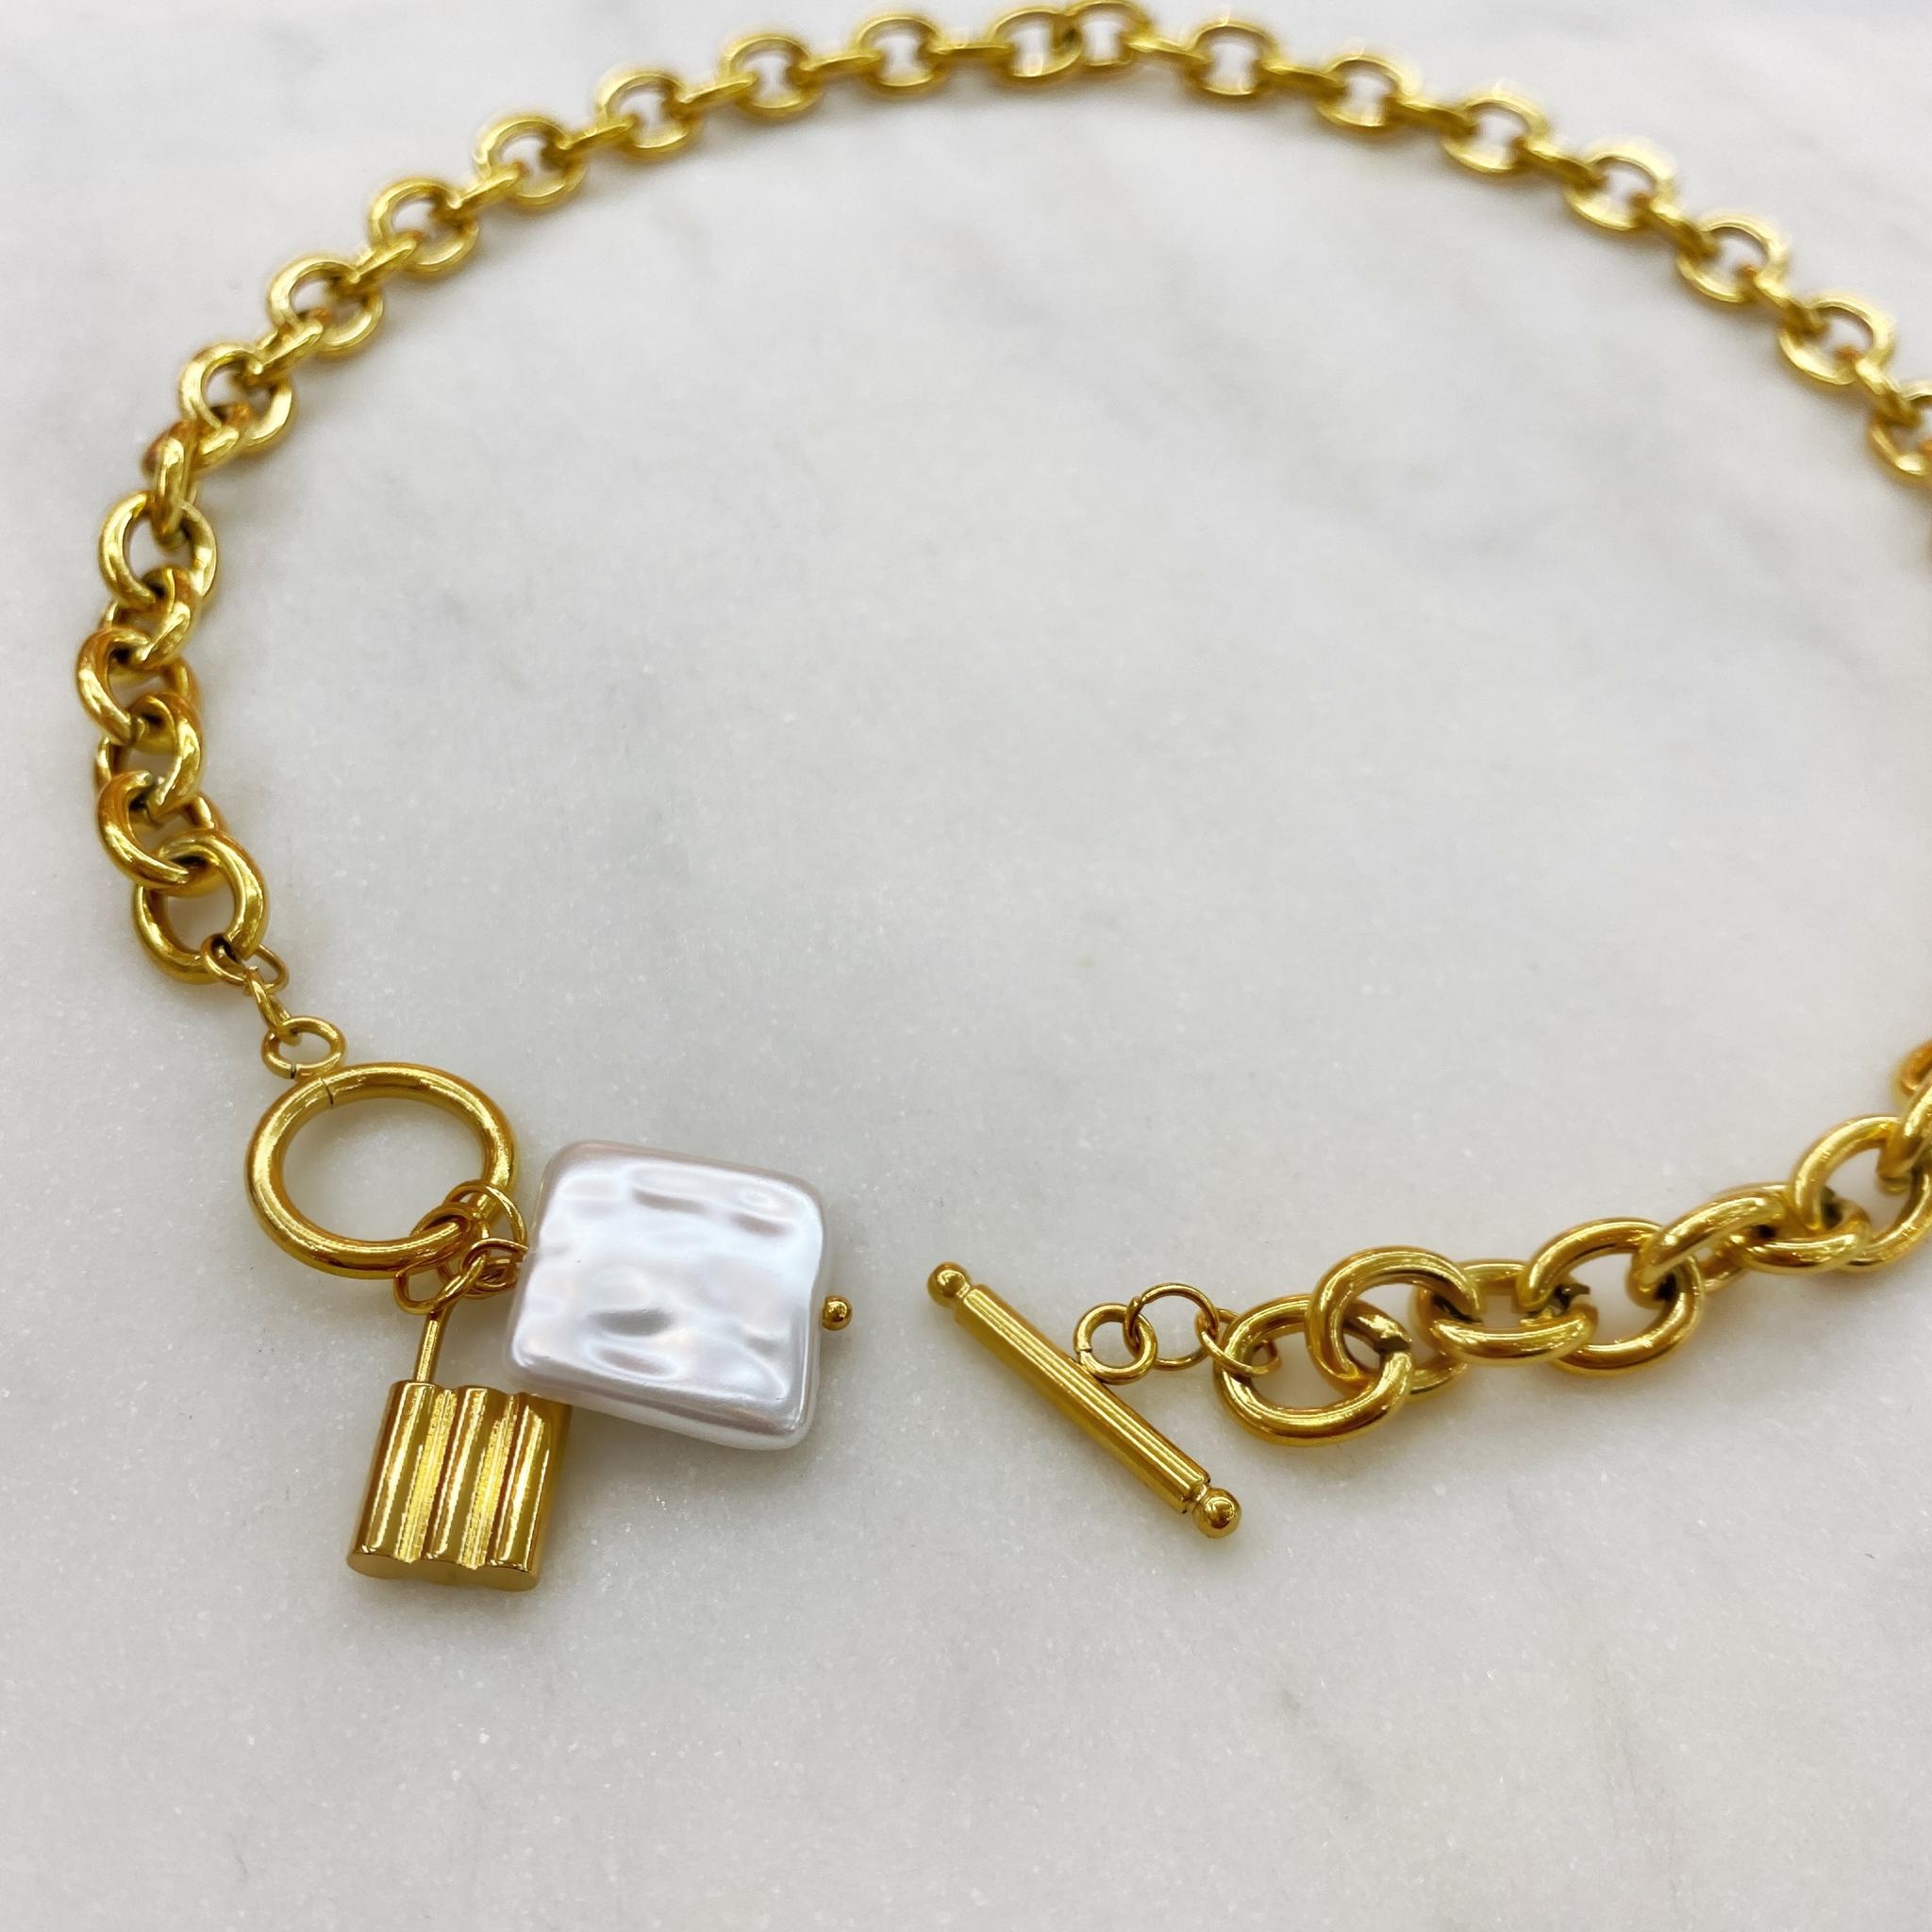 Колье с замком-тогл и квадратной жемчужиной, сталь (золотистый)